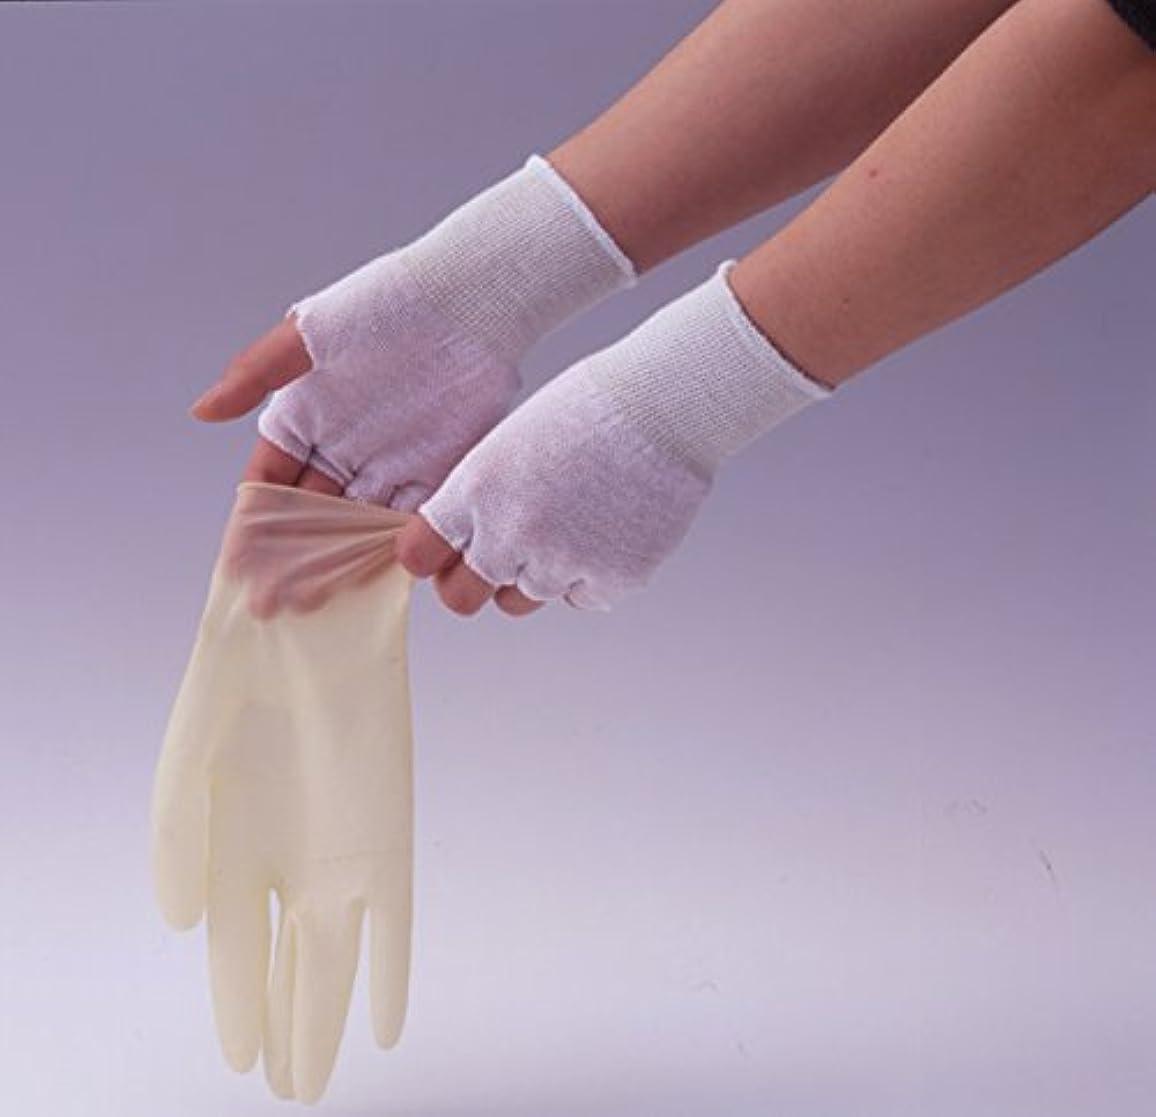 接続予想する自然やさしインナー手袋 (綿100%指なし) 200組/カートン 激安業務用パック